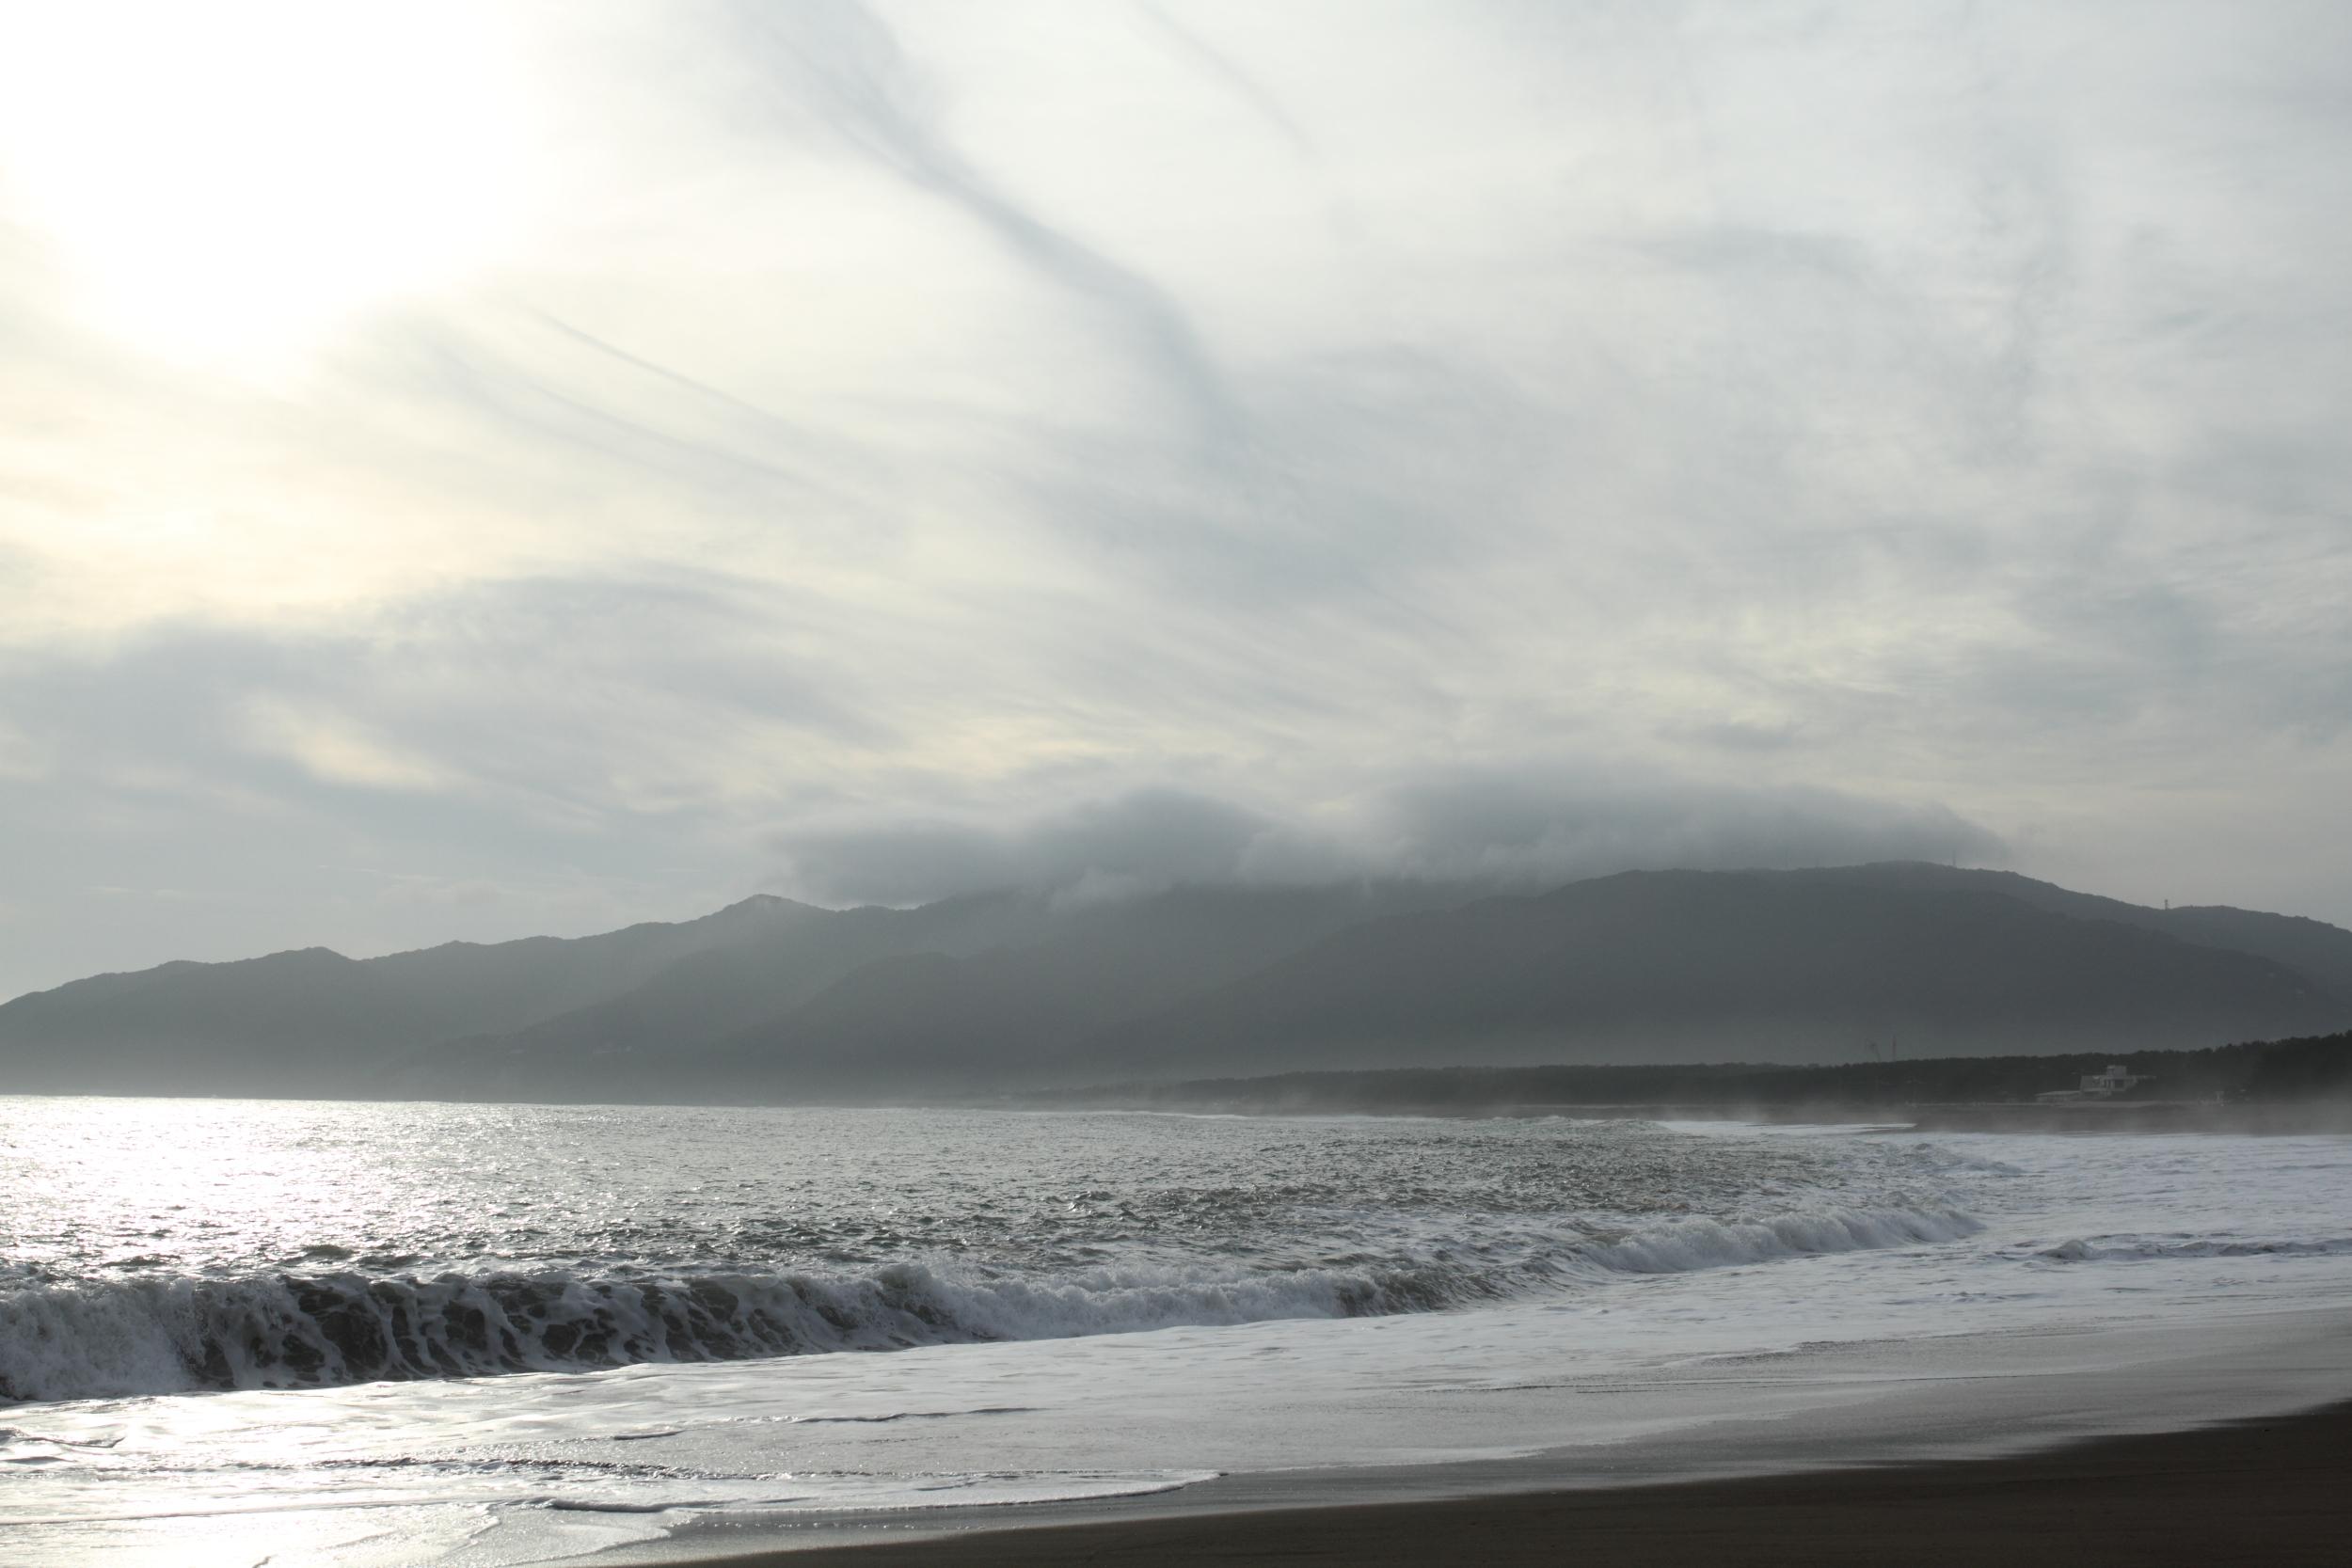 バーベキューを利用して煙樹ヶ浜でショアジギングしてきた。